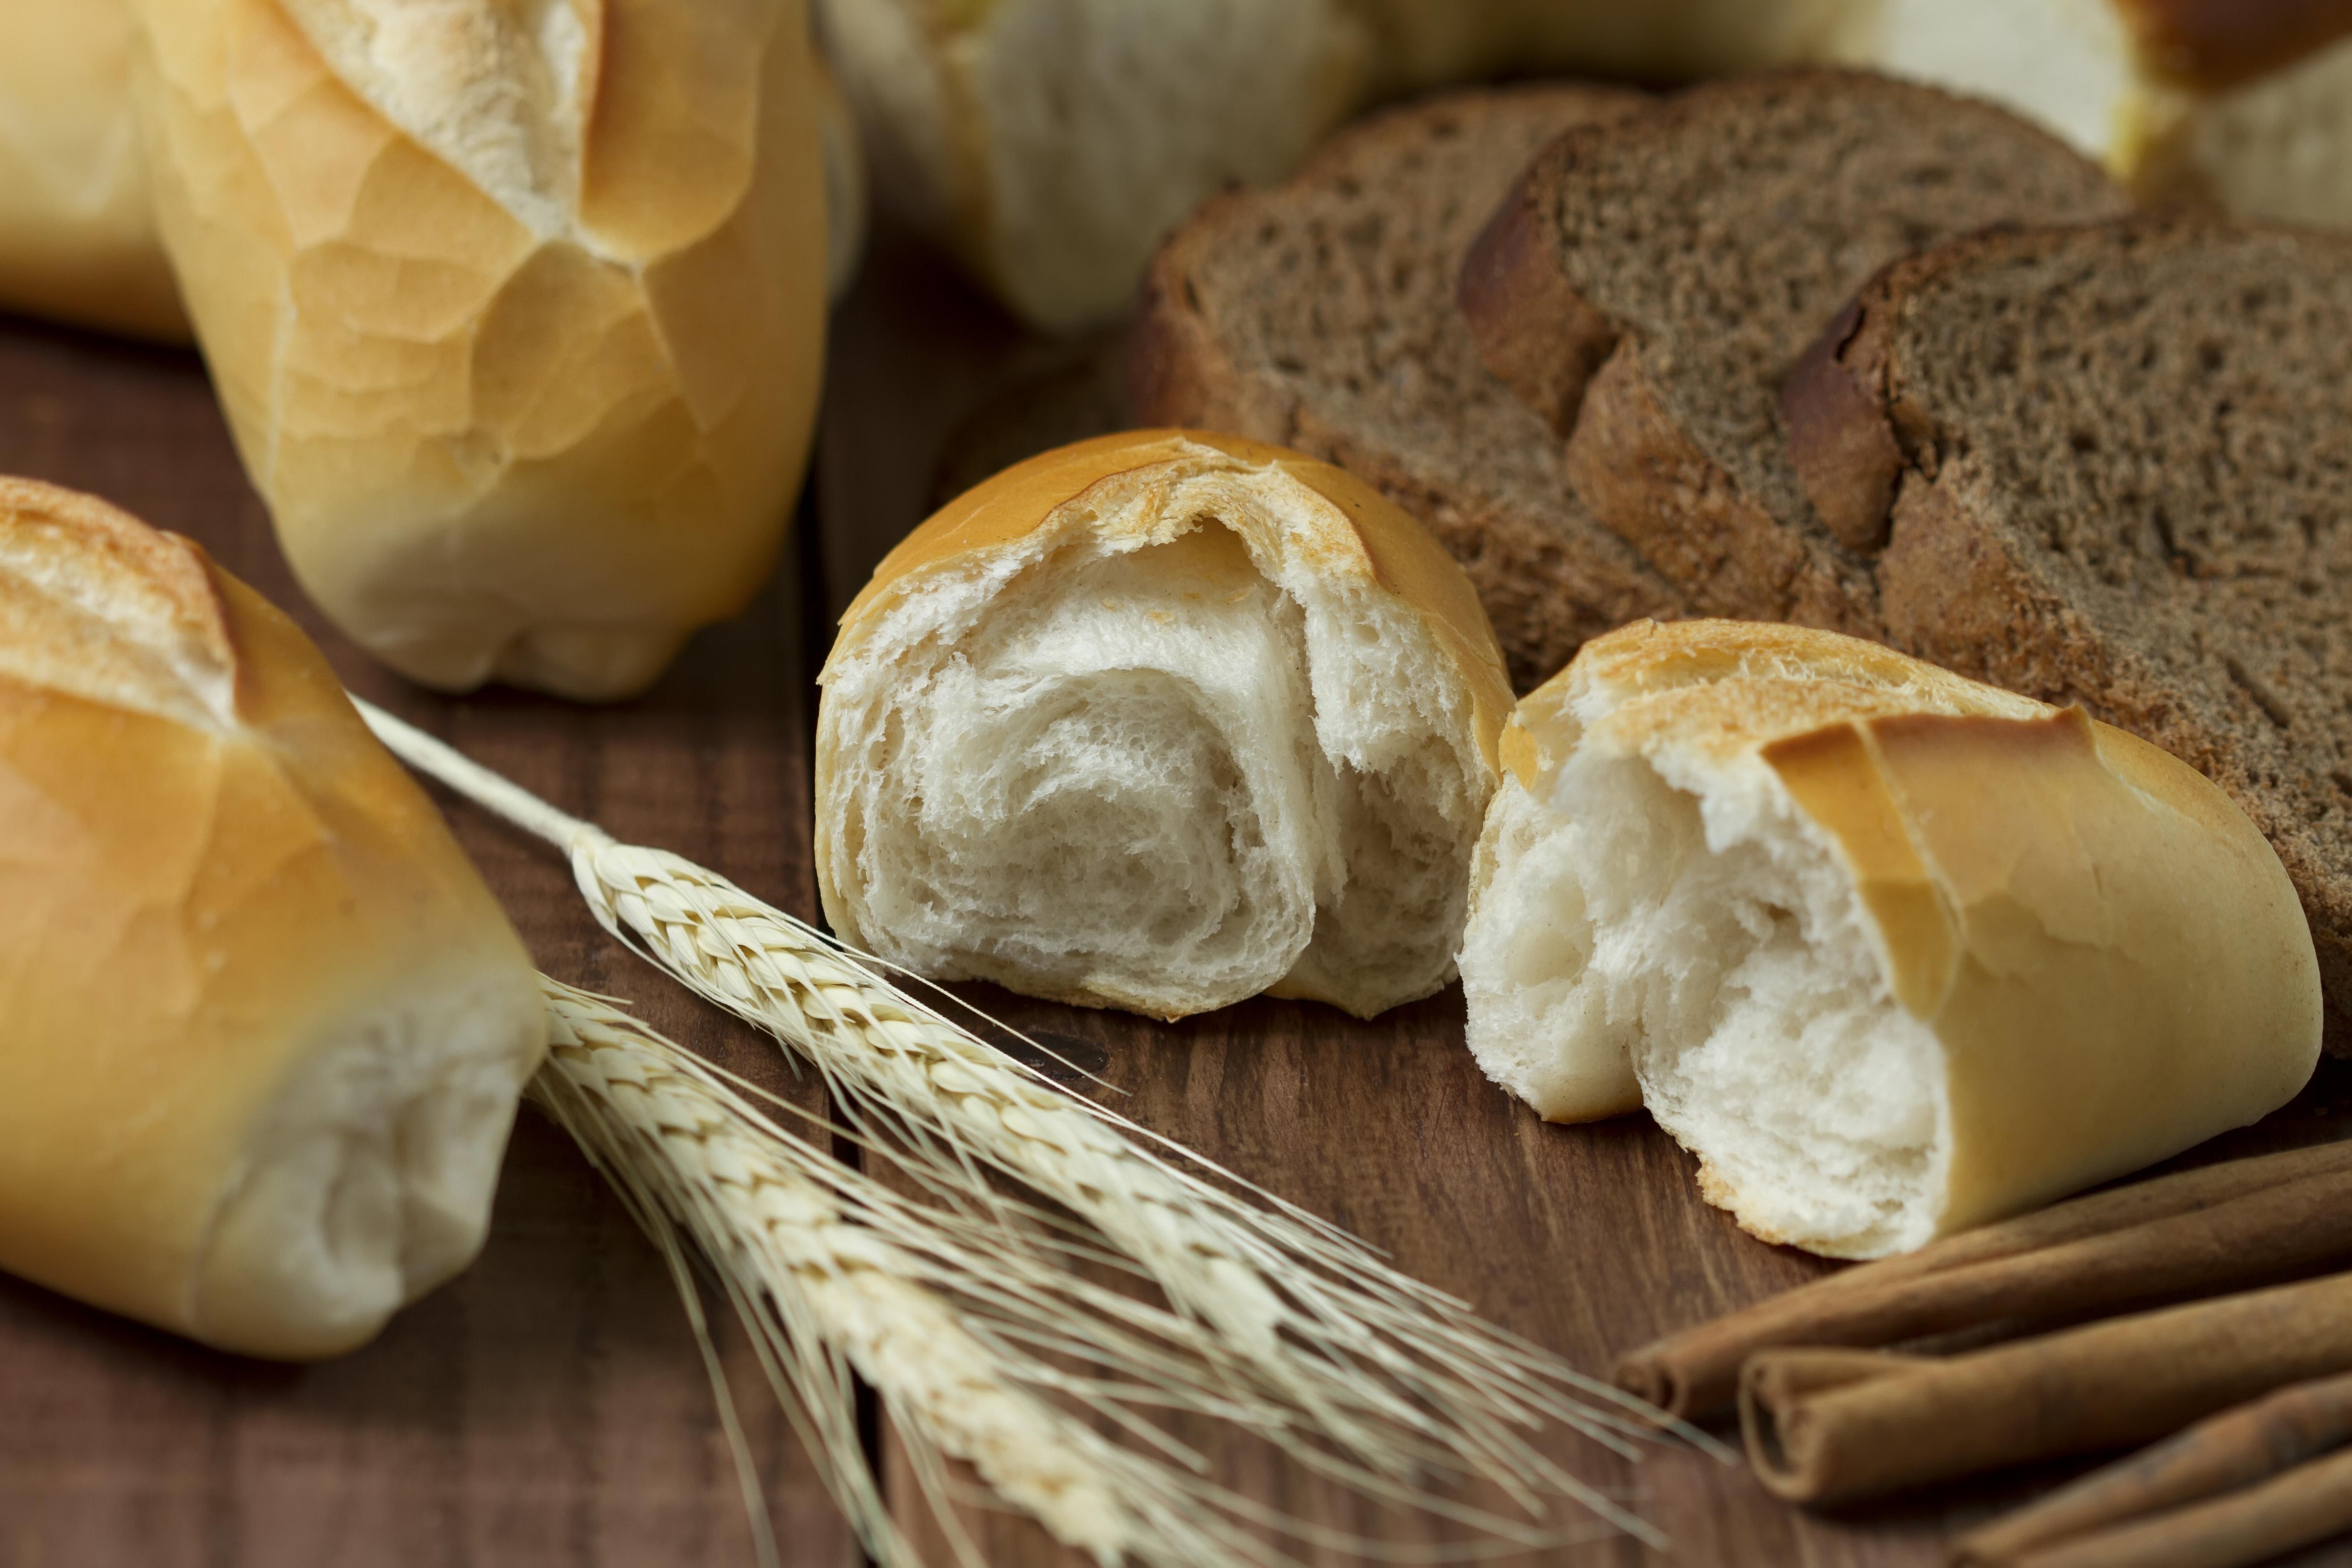 ¿De verdad se deben evitar los carbohidratos? (Foto Prensa Libre: Servicios / Pexels).